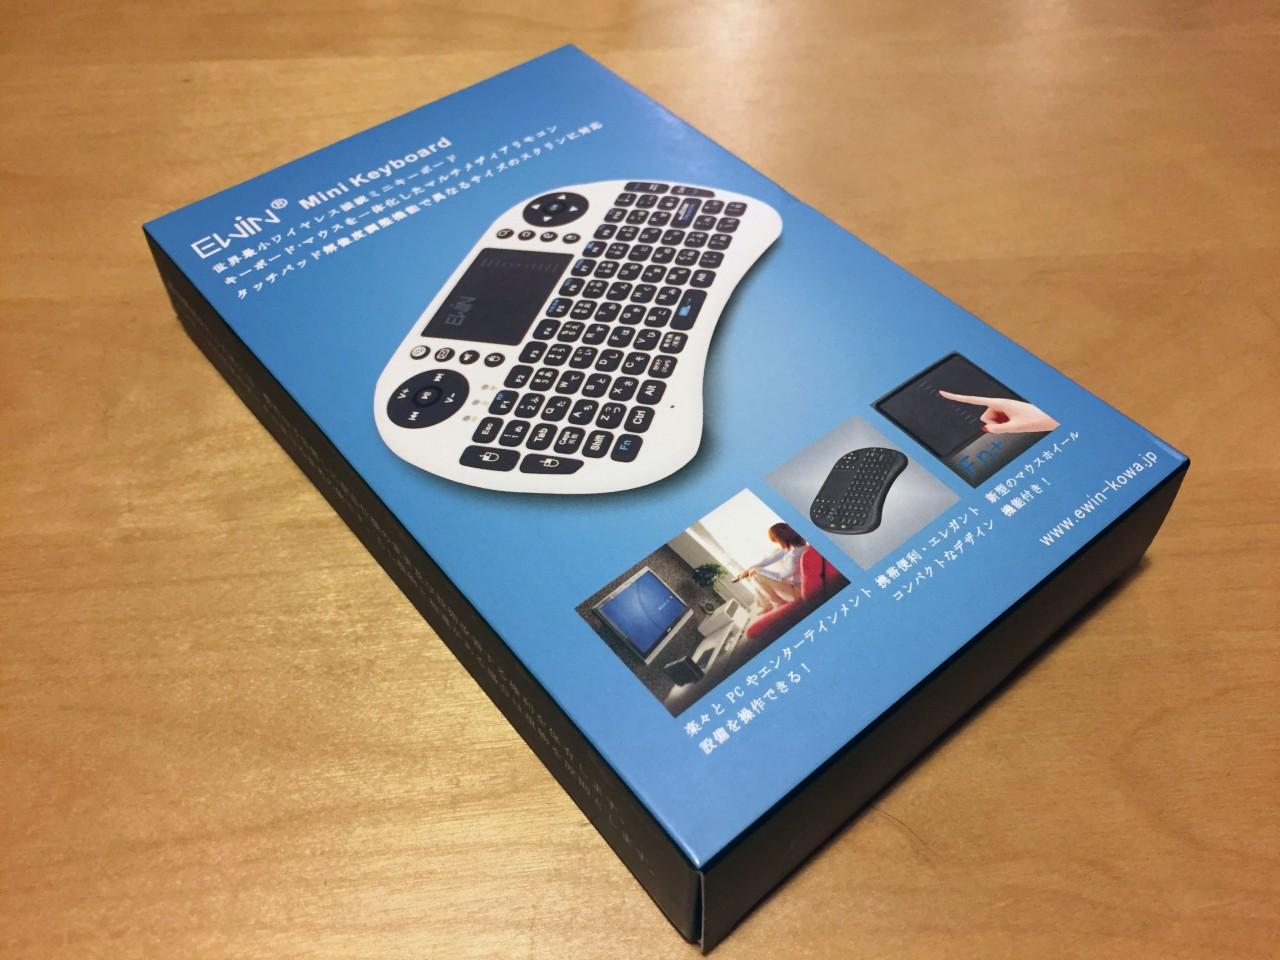 Ewin mini Wireless Keyboard 箱